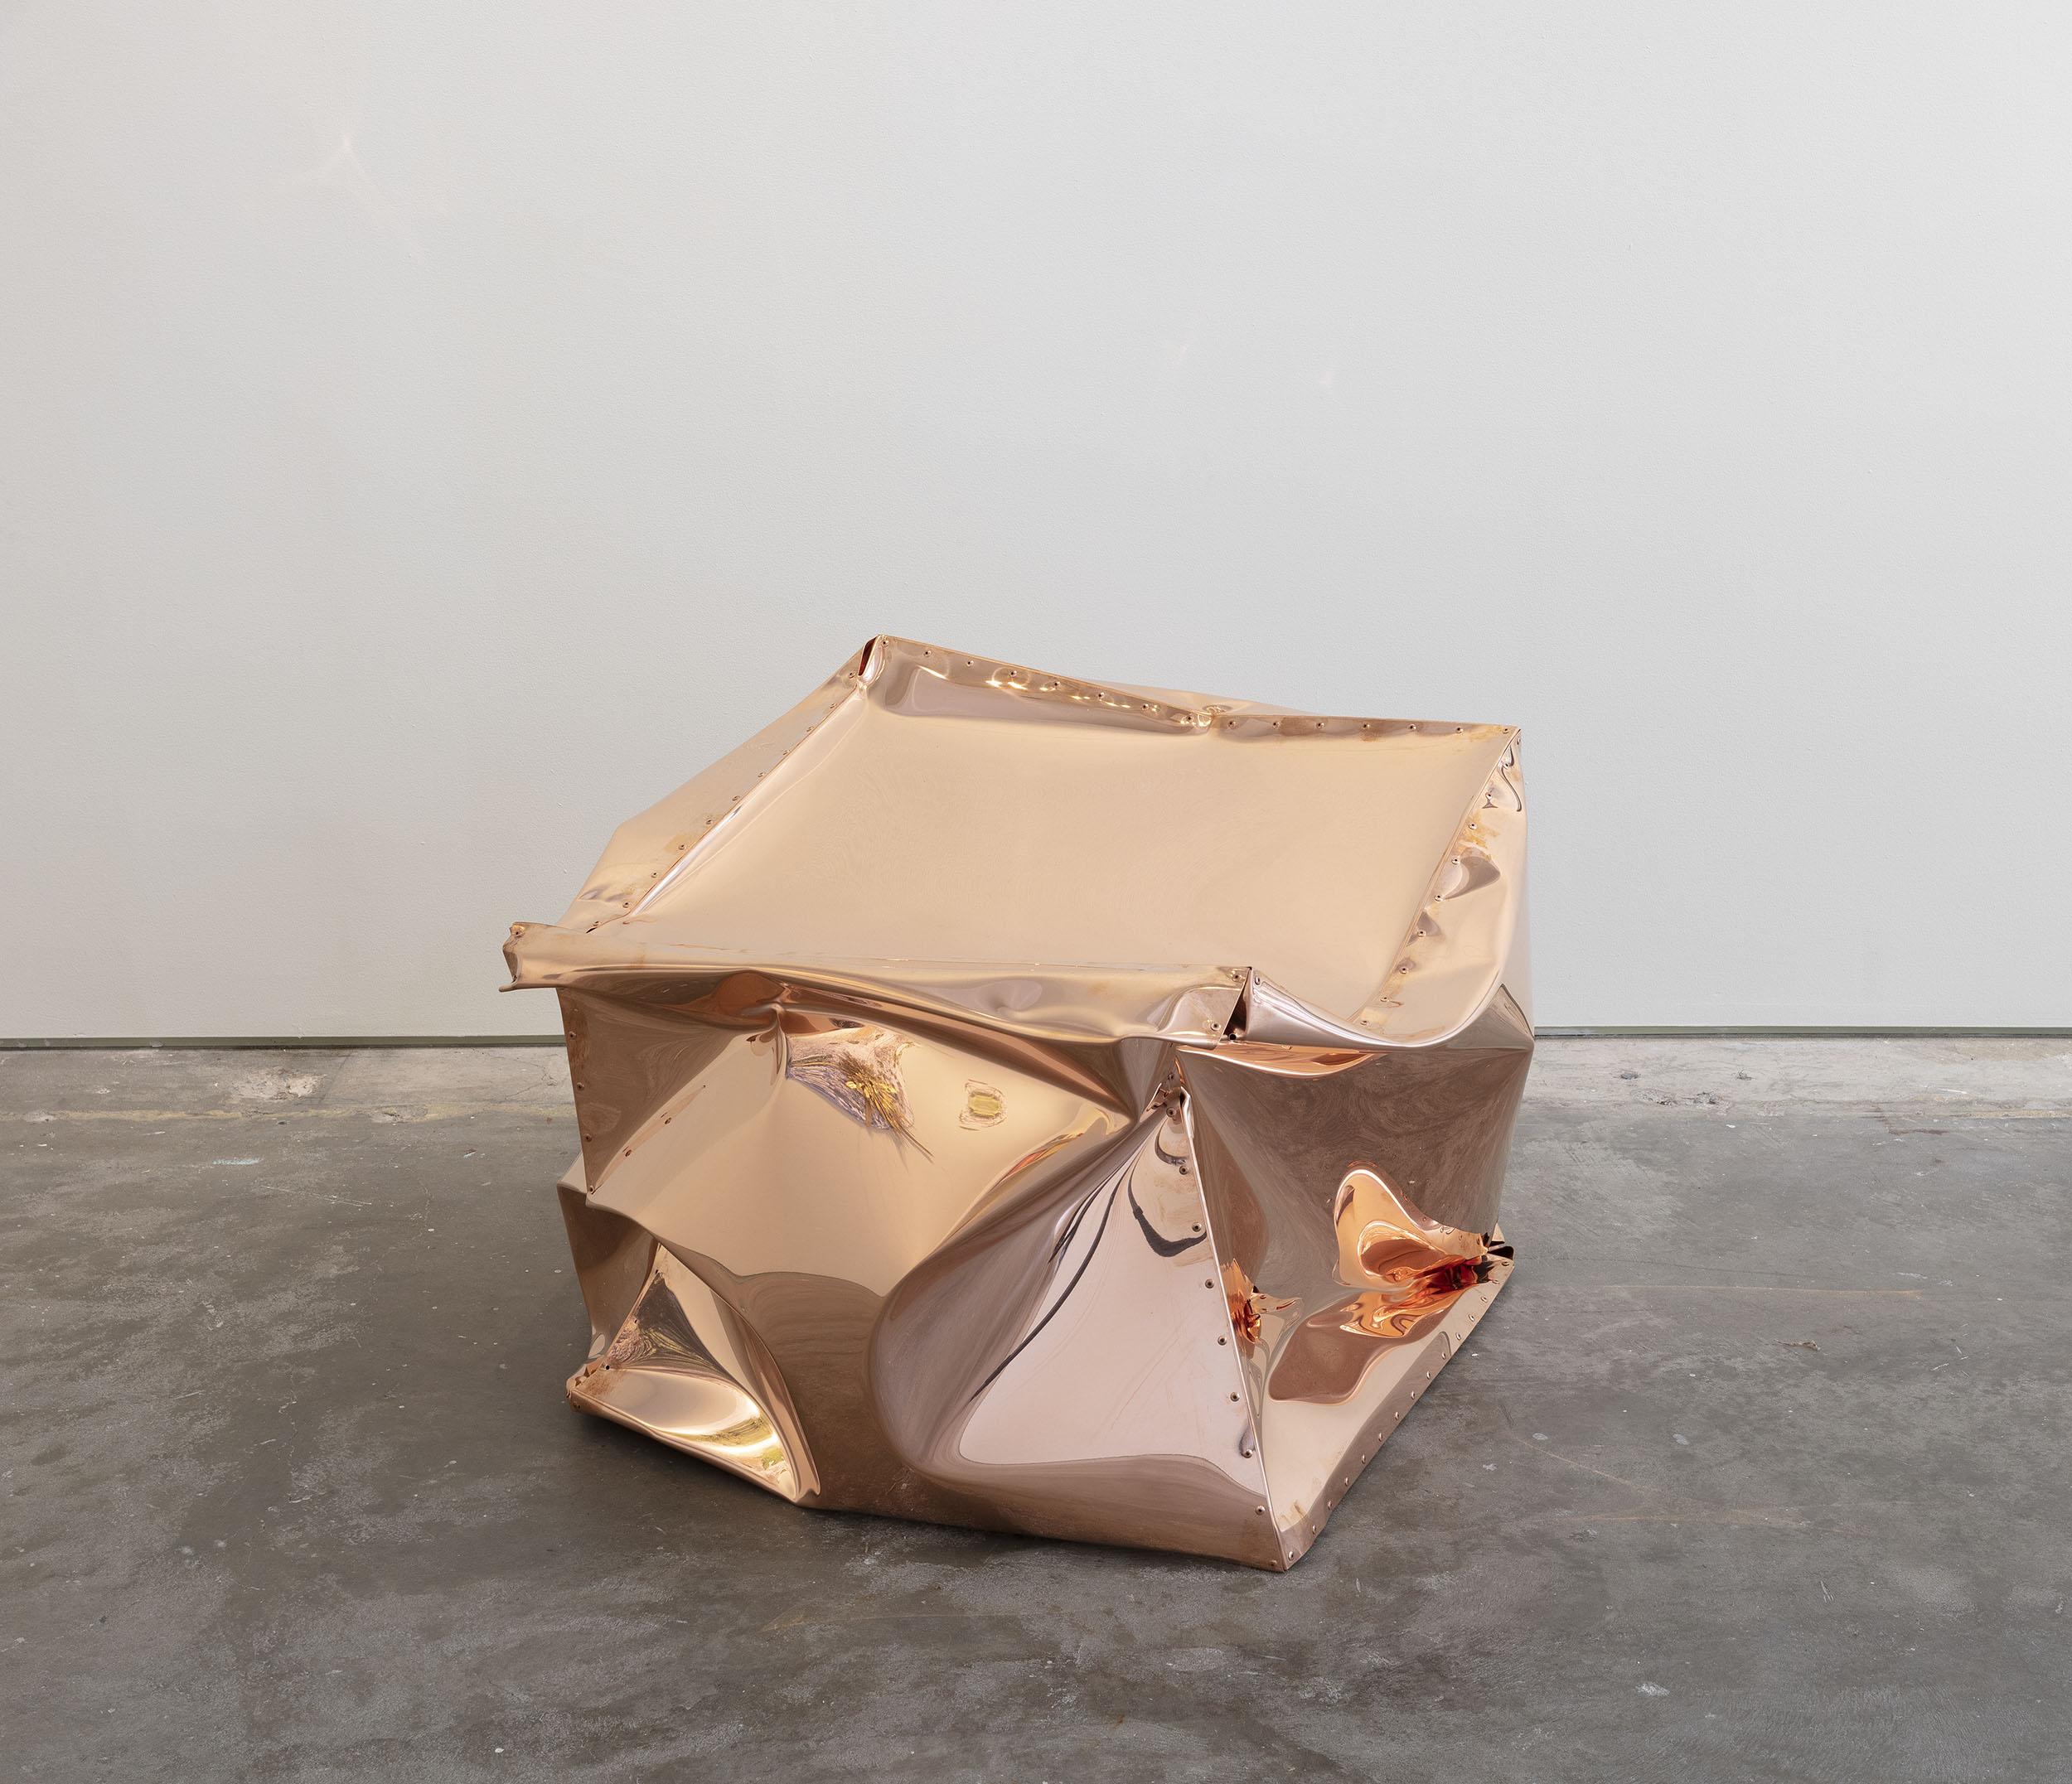 Crushed Cube (Copper)